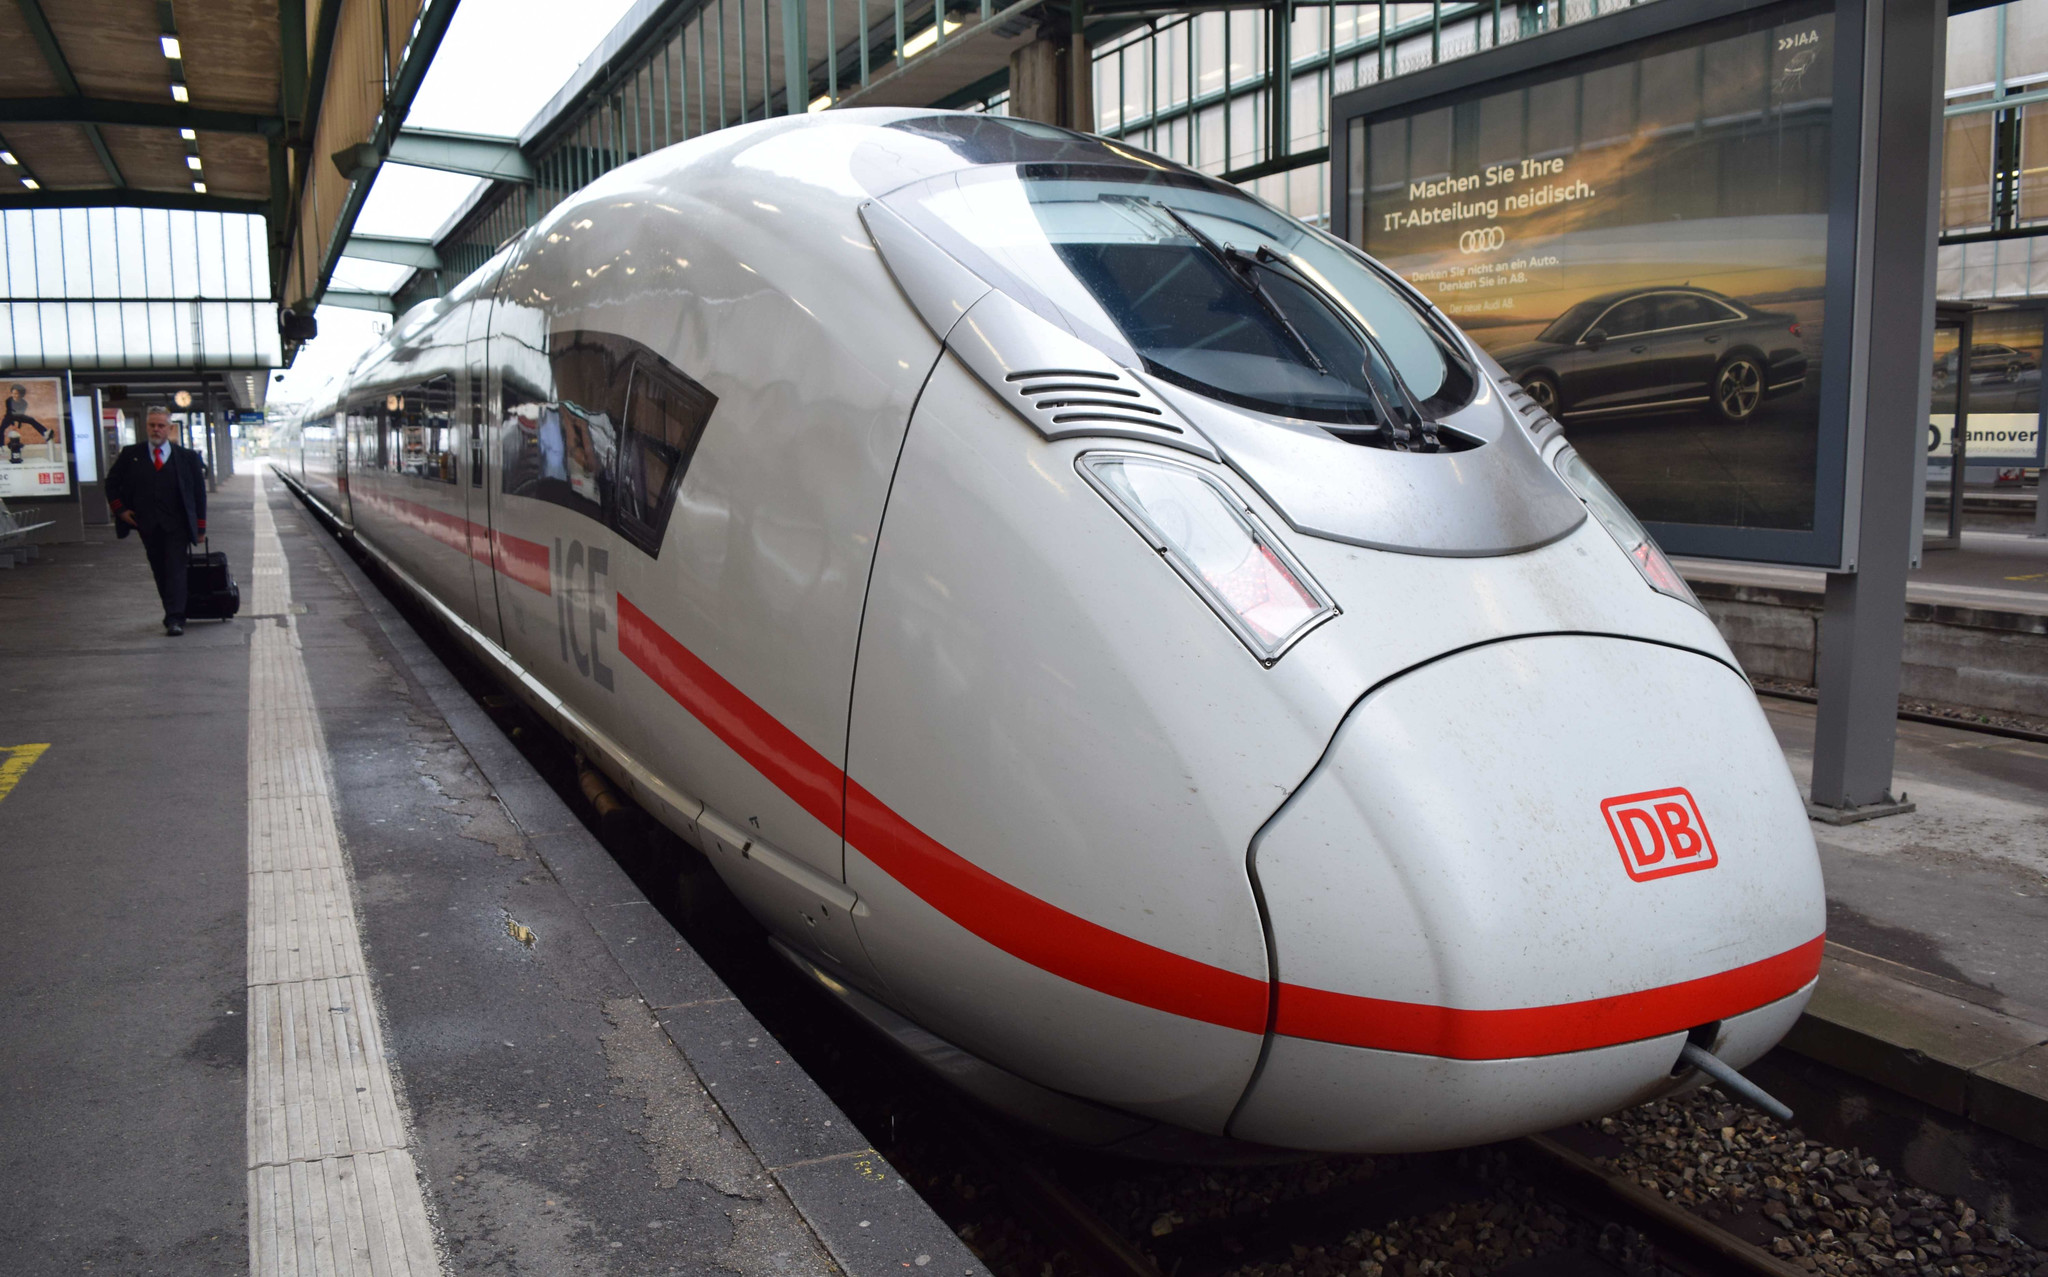 German Velaro D at Stuttgart Hauptbahnhof.(Central Station). Photo taken on September 14, 2017.